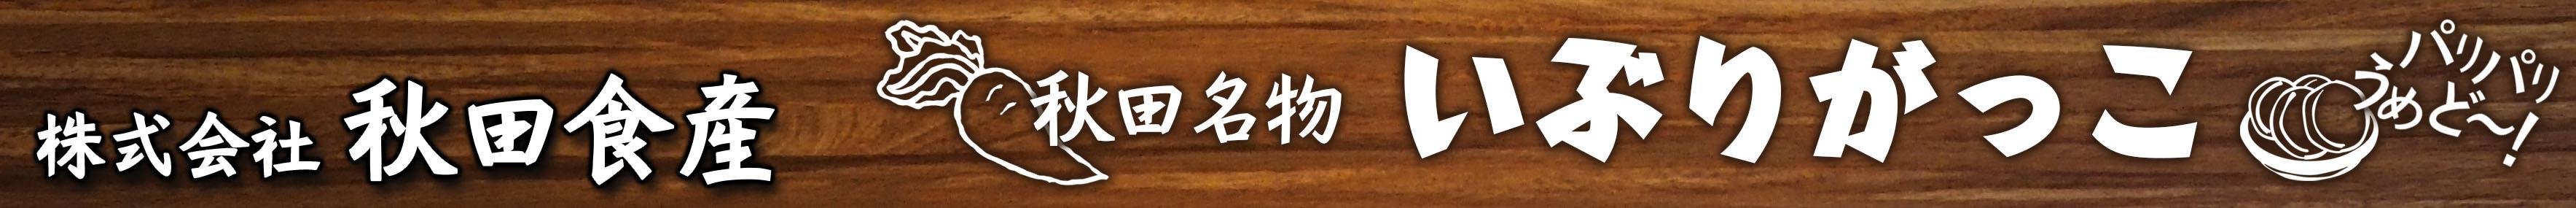 https://www.misato-mark.co.jp/files/lib/1/24/201511060926368784.jpg